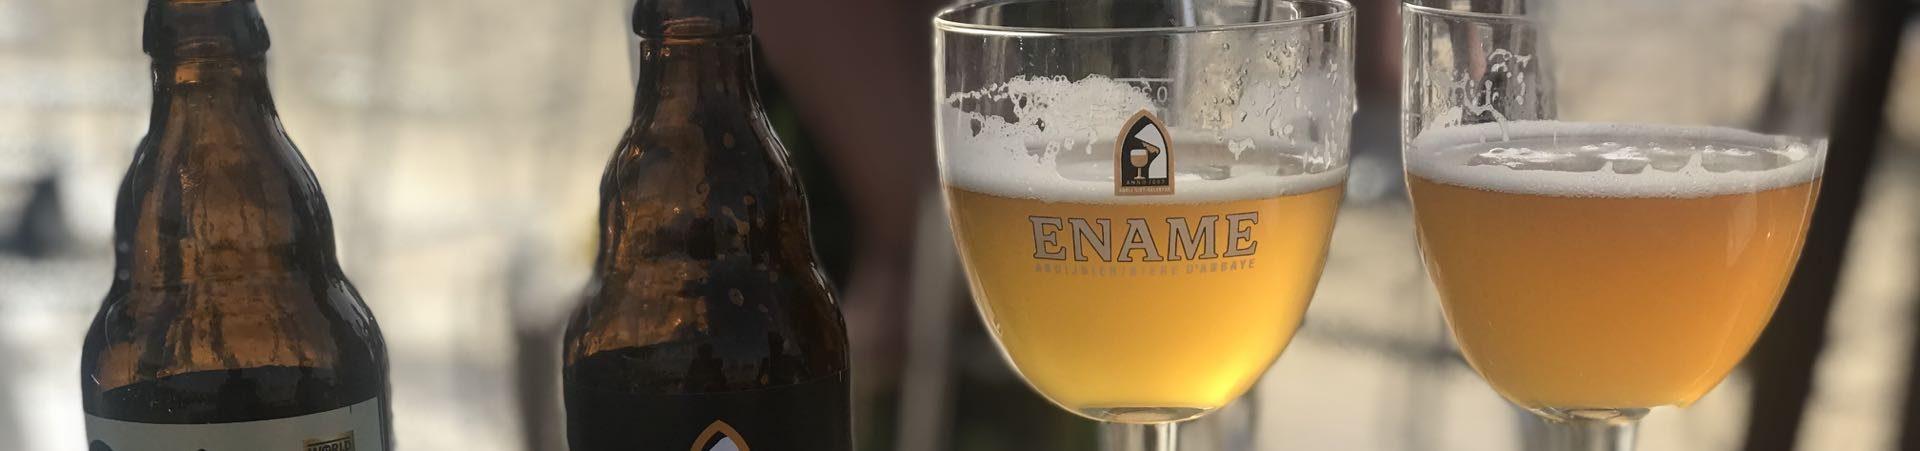 Ename fietsblog fietsroute bier